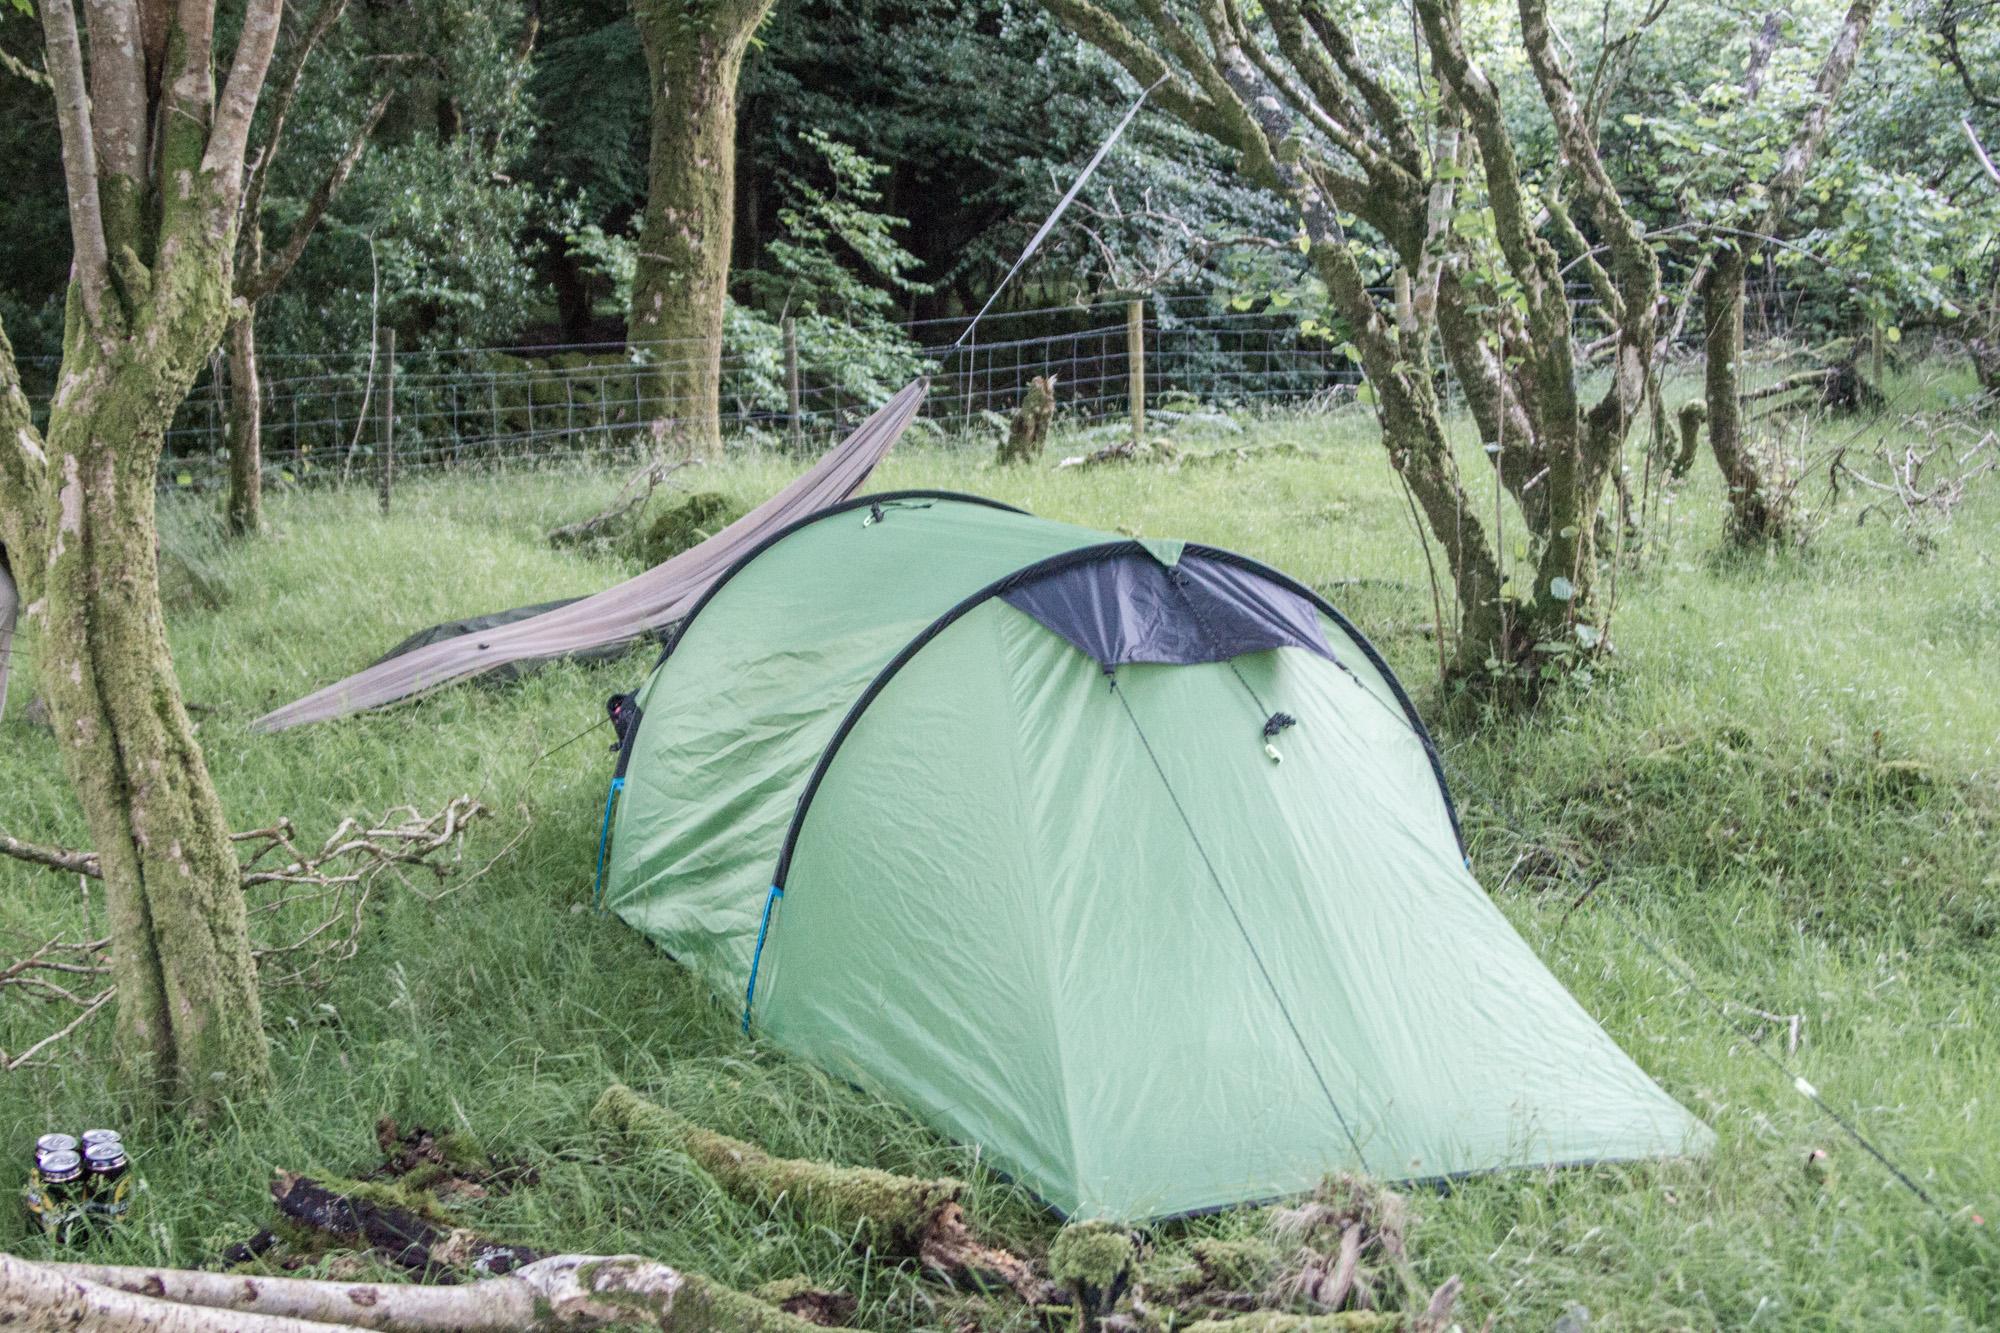 Tent in Connemara National Park in Ireland